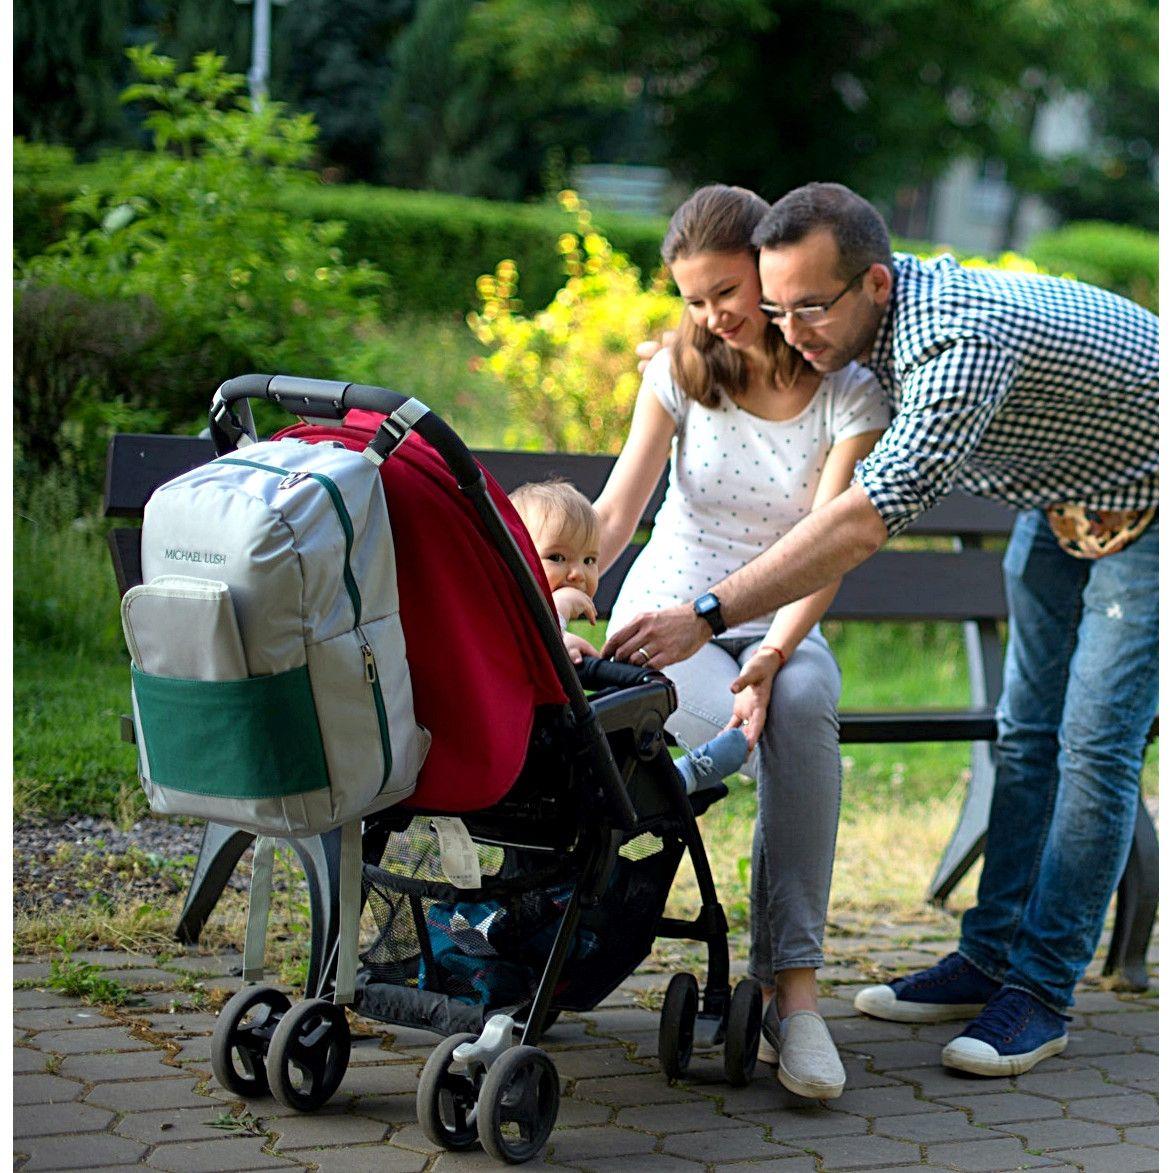 Foto: La ce vârstă încep bărbații să aibă dificultăți în a concepe copii